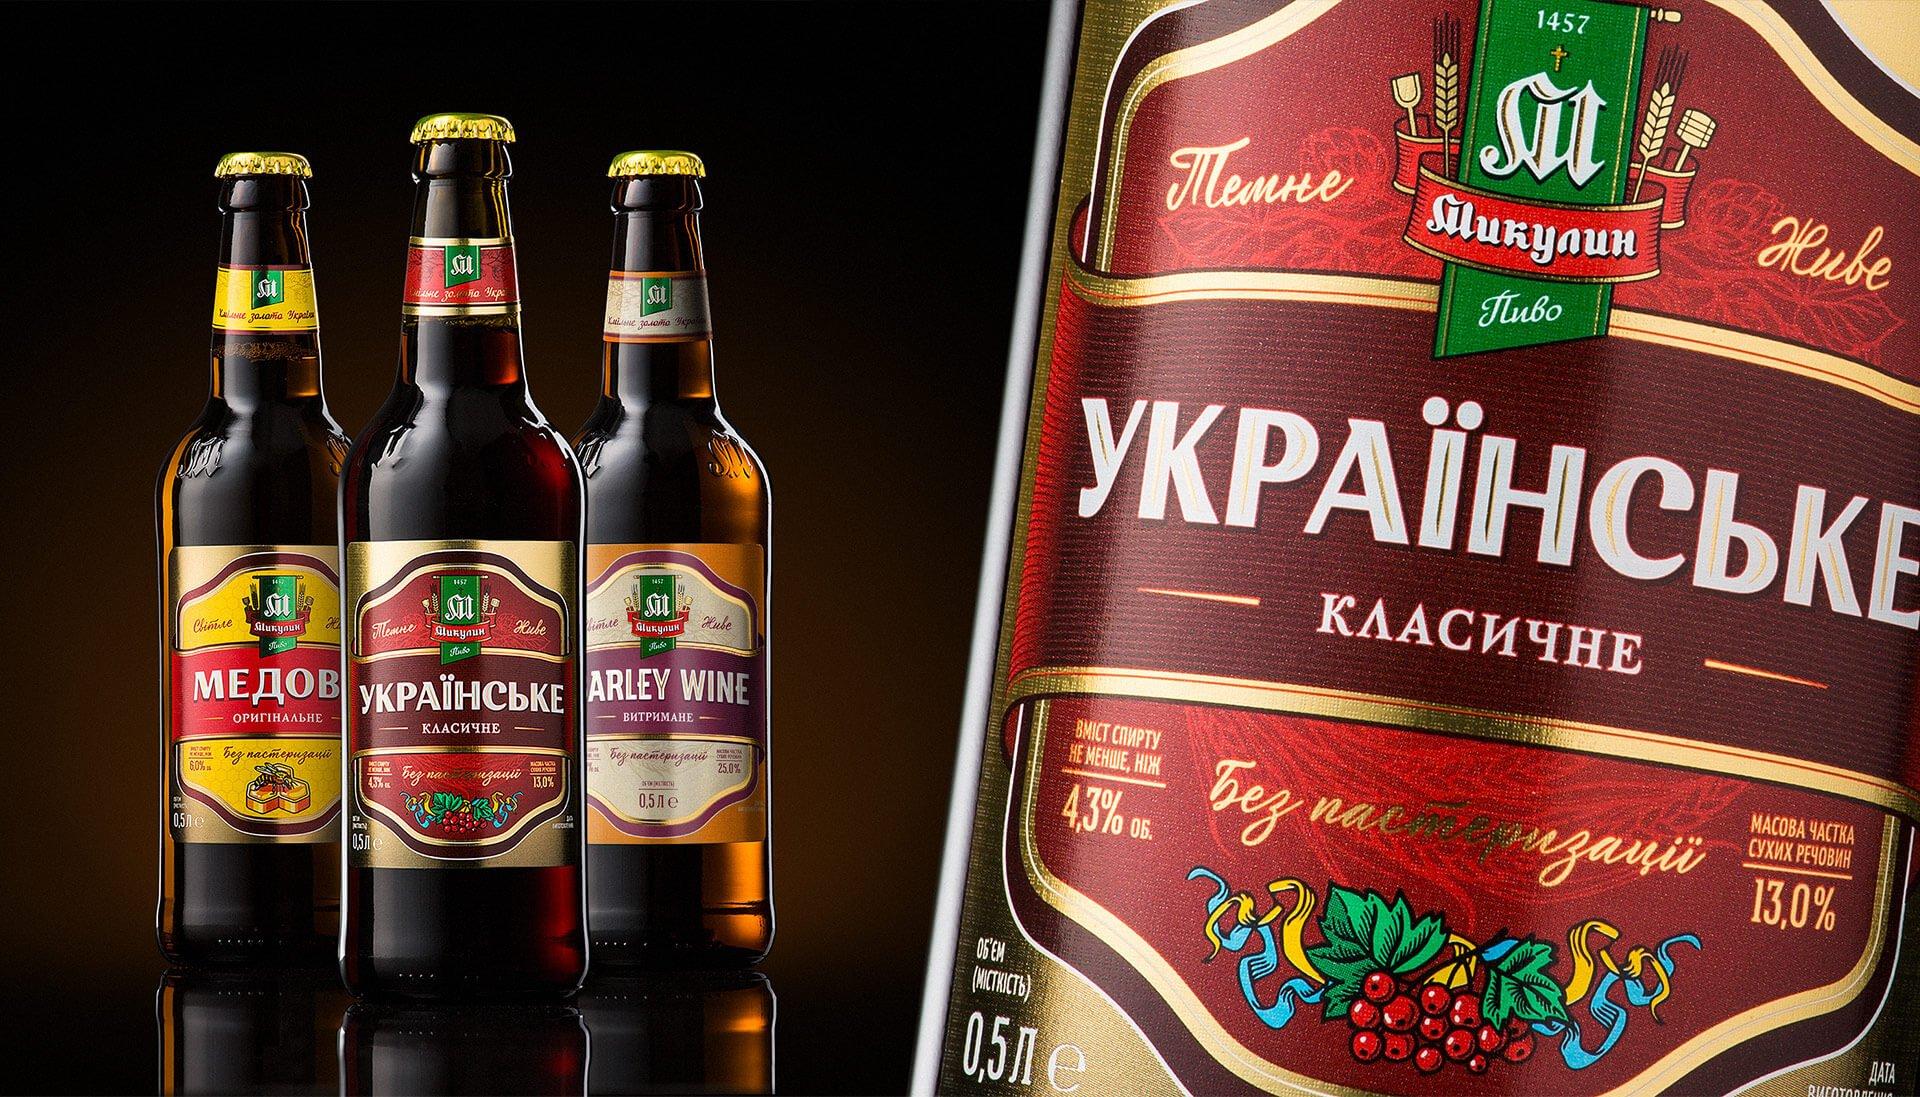 Новий дизайне етикетки пива «Українське»